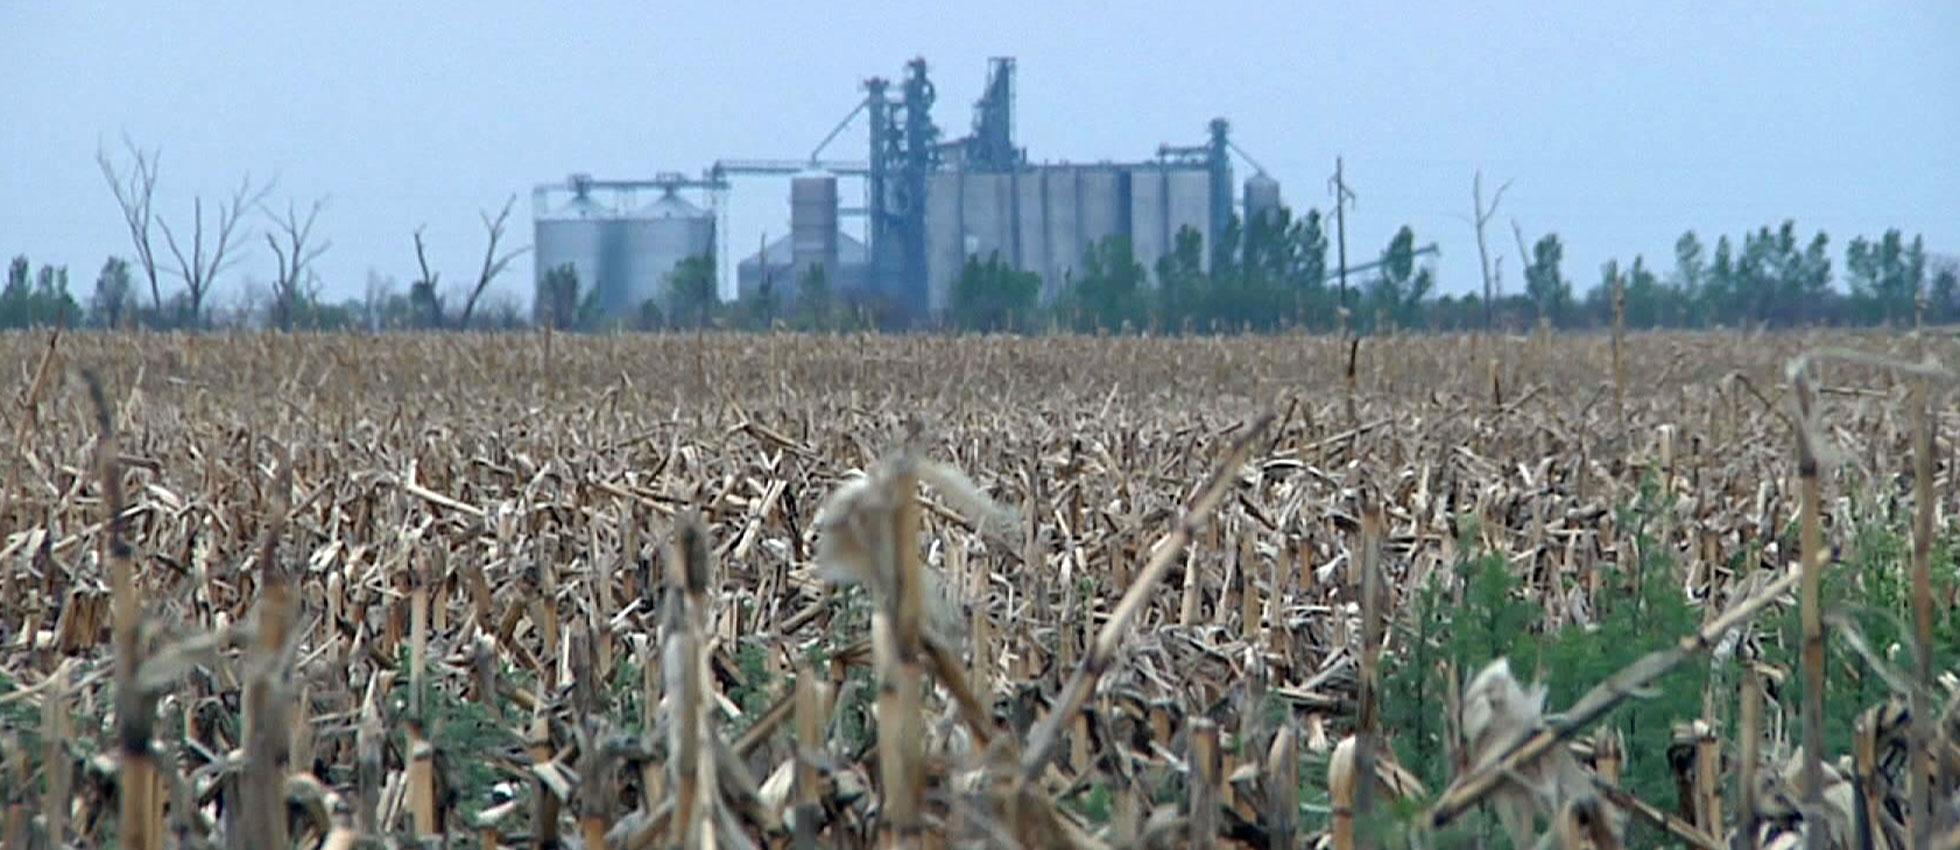 crops farming farmland